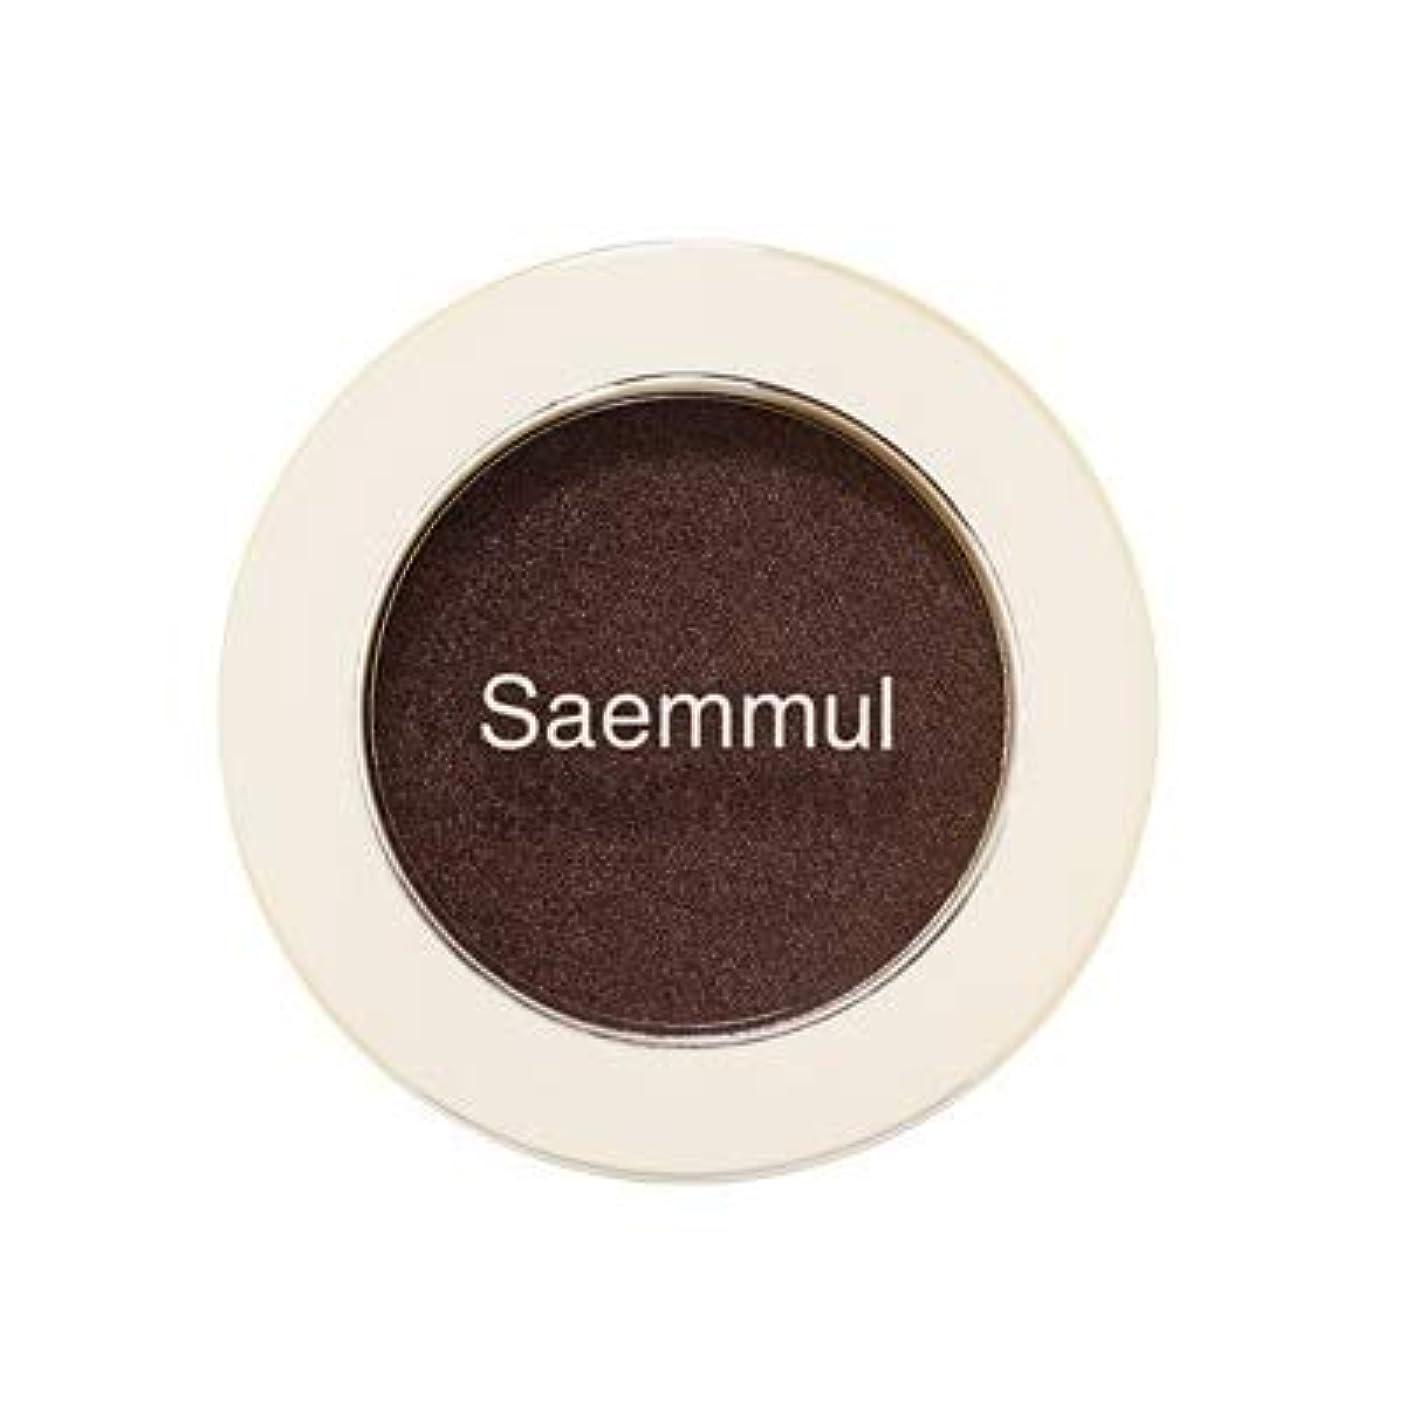 今ポンプ回復theSAEM ザセム セムムル シングル シャドウ シマー 12類 Saemmul Single Shadow SHIMMER アイシャドウ 韓国コスメ (BR11)